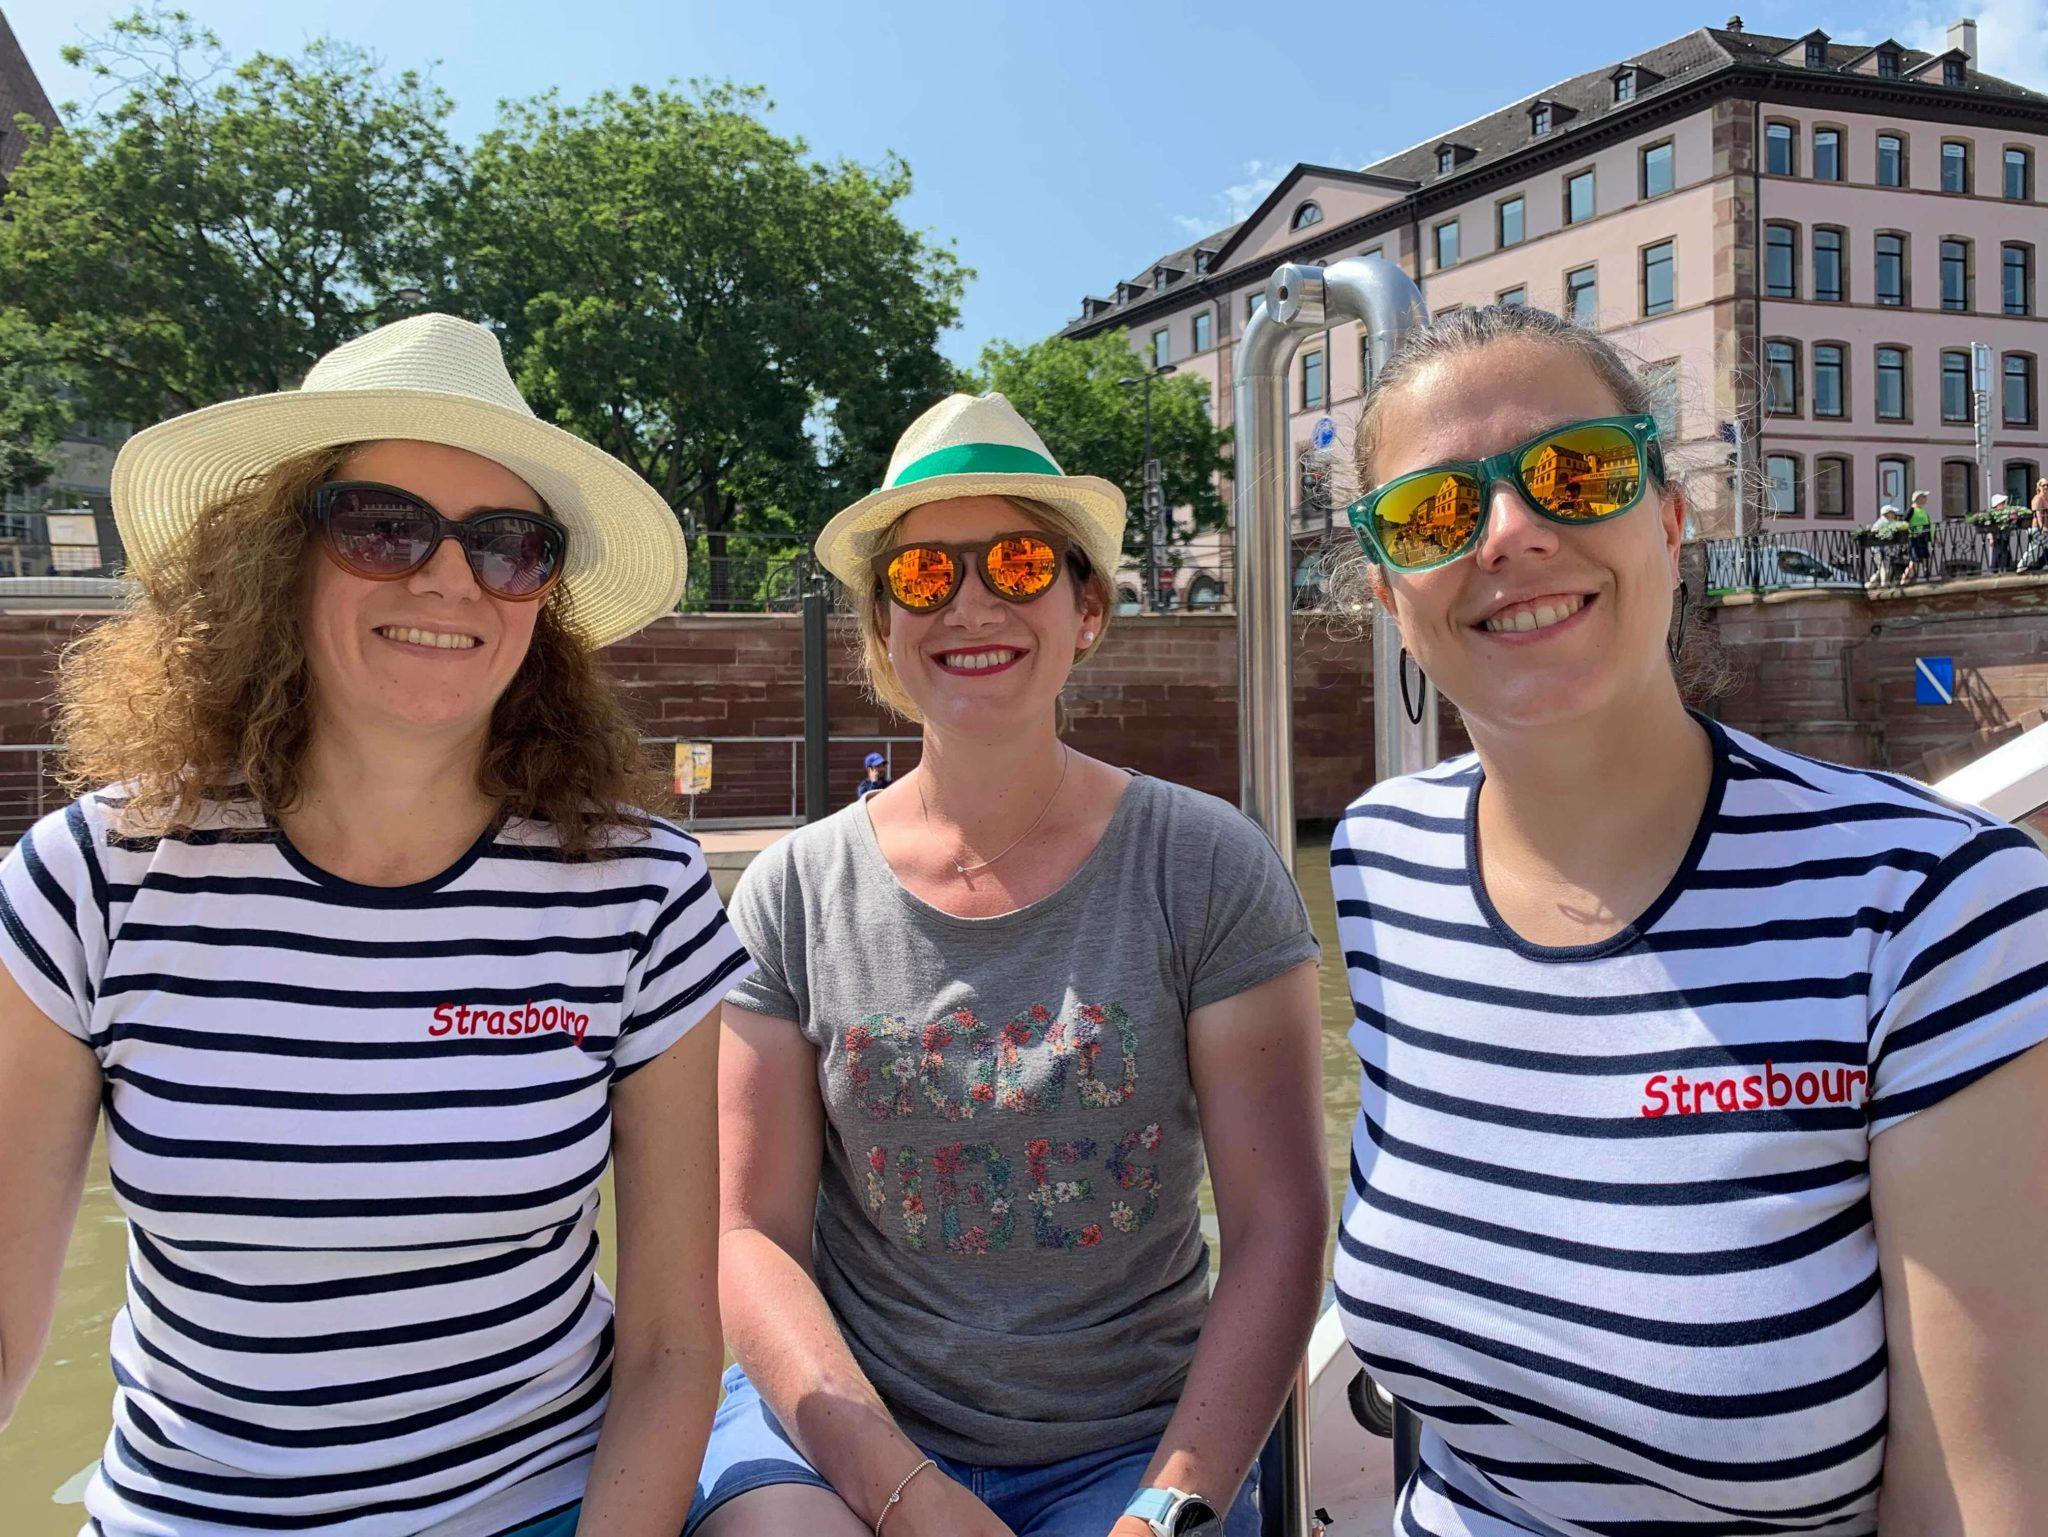 Avec Sarah et Laurène sur le bateau Batorama - Visiter Strasbourg au fil de l'eau: 2 jours dans la capitale alsacienne entre amies - Par Voyages et Vagabondages, le blog du voyage en solo au féminin - Récit, photos, conseils, idées de visite et bonnes adresses pour visiter Strasbourg